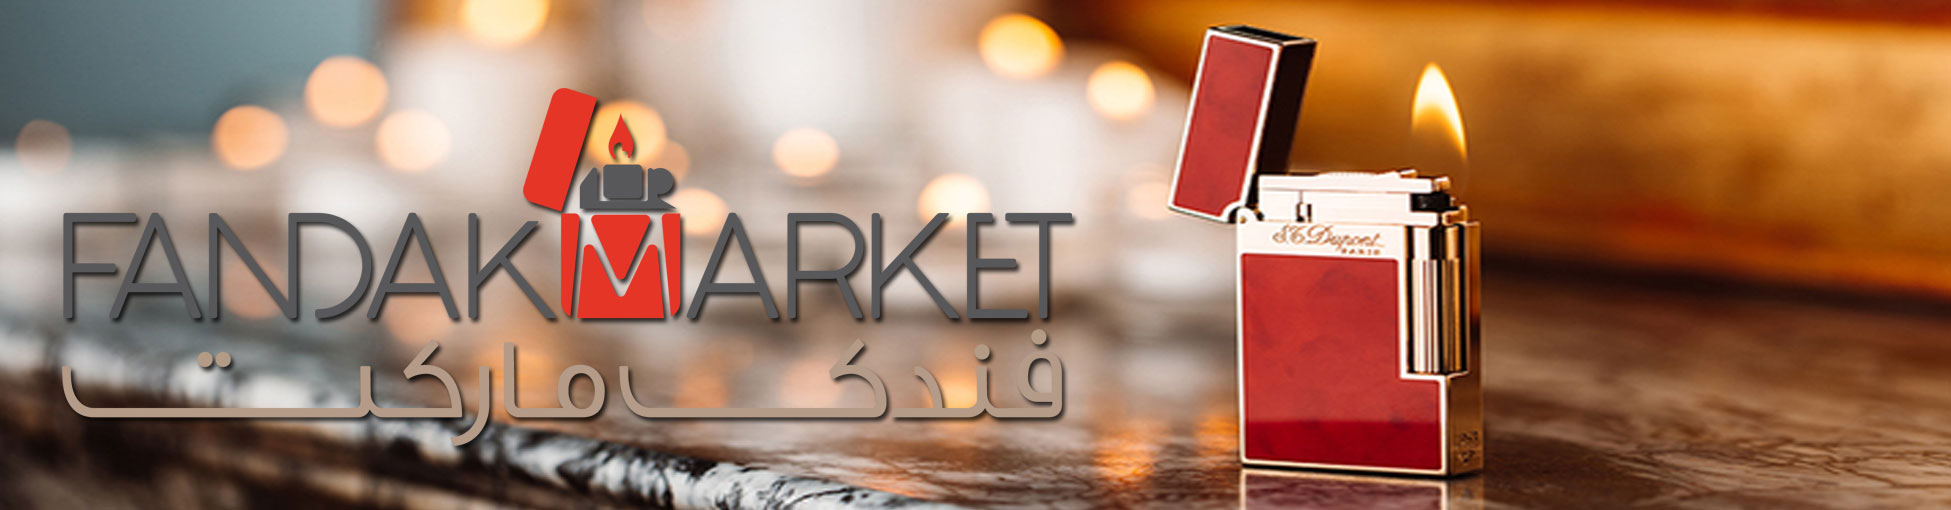 خرید آنلاین فندک های هدیه و کادویی - فروشگاه اینترنتی فندک مارکت